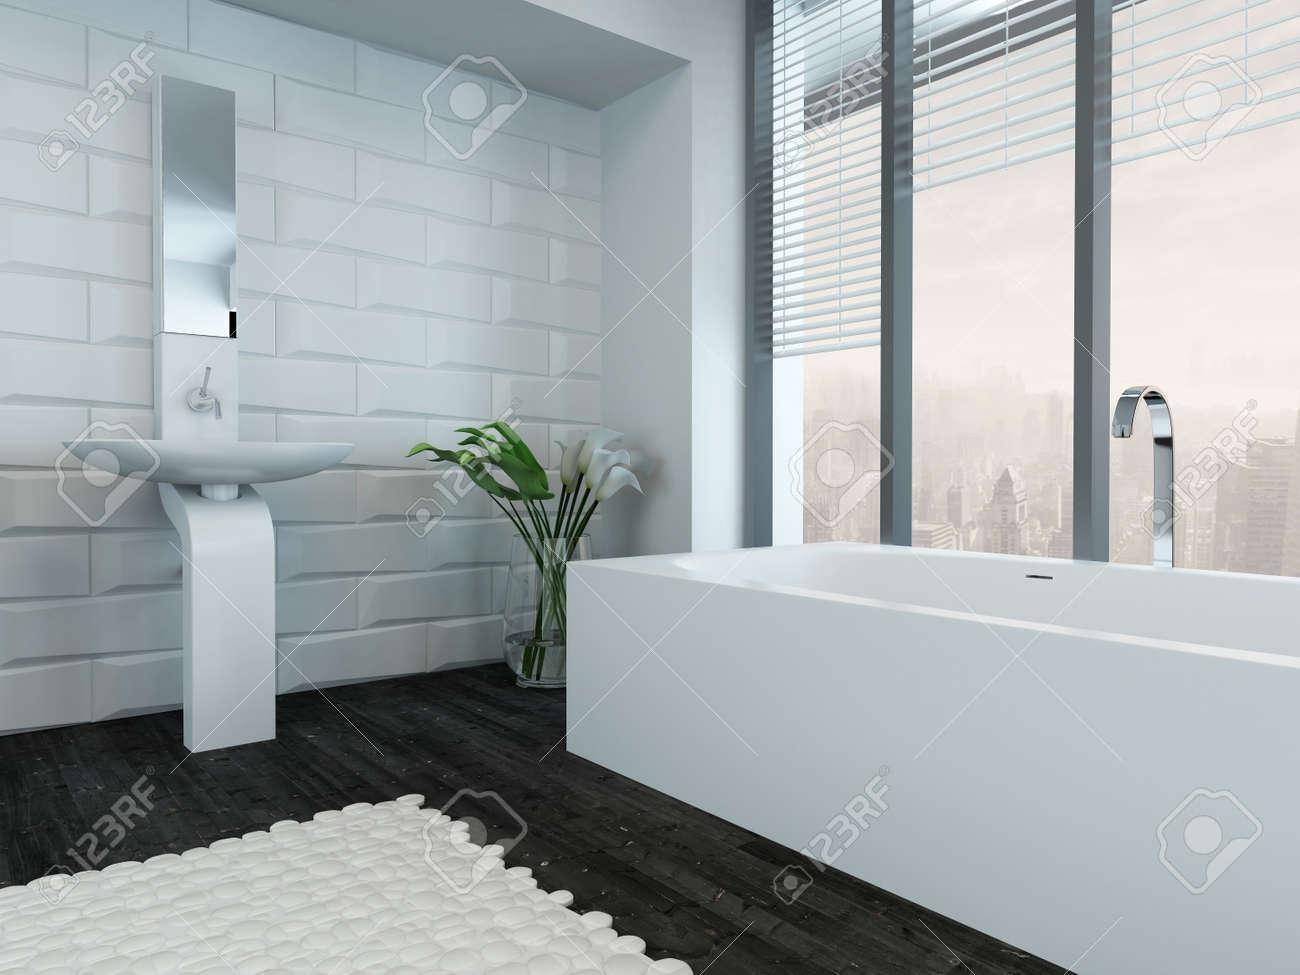 Imagen Del Interior Moderno Cuarto De Baño De Lujo Con Bañera Fotos ...